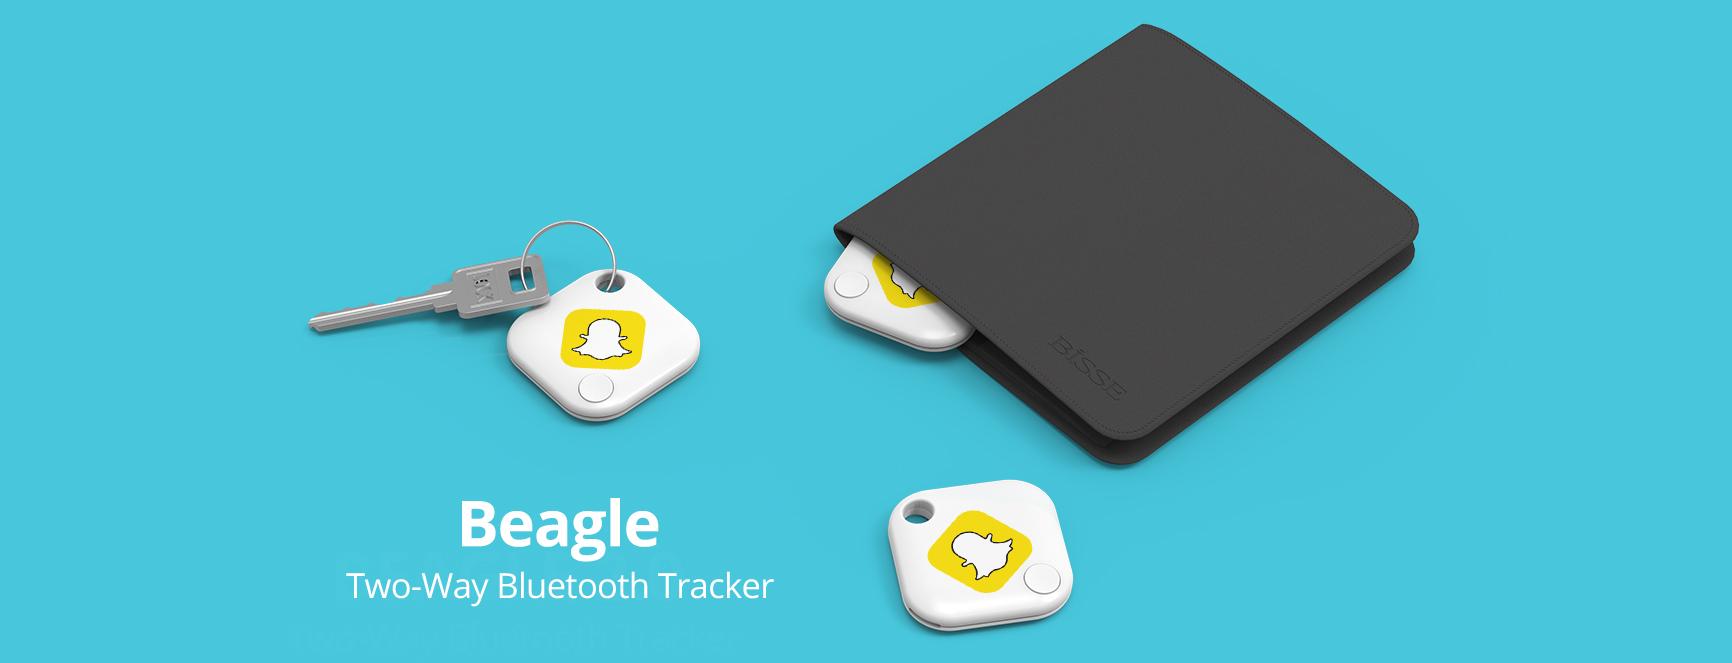 Beagle 2 0: Bluetooth Tracker – Powerstick com